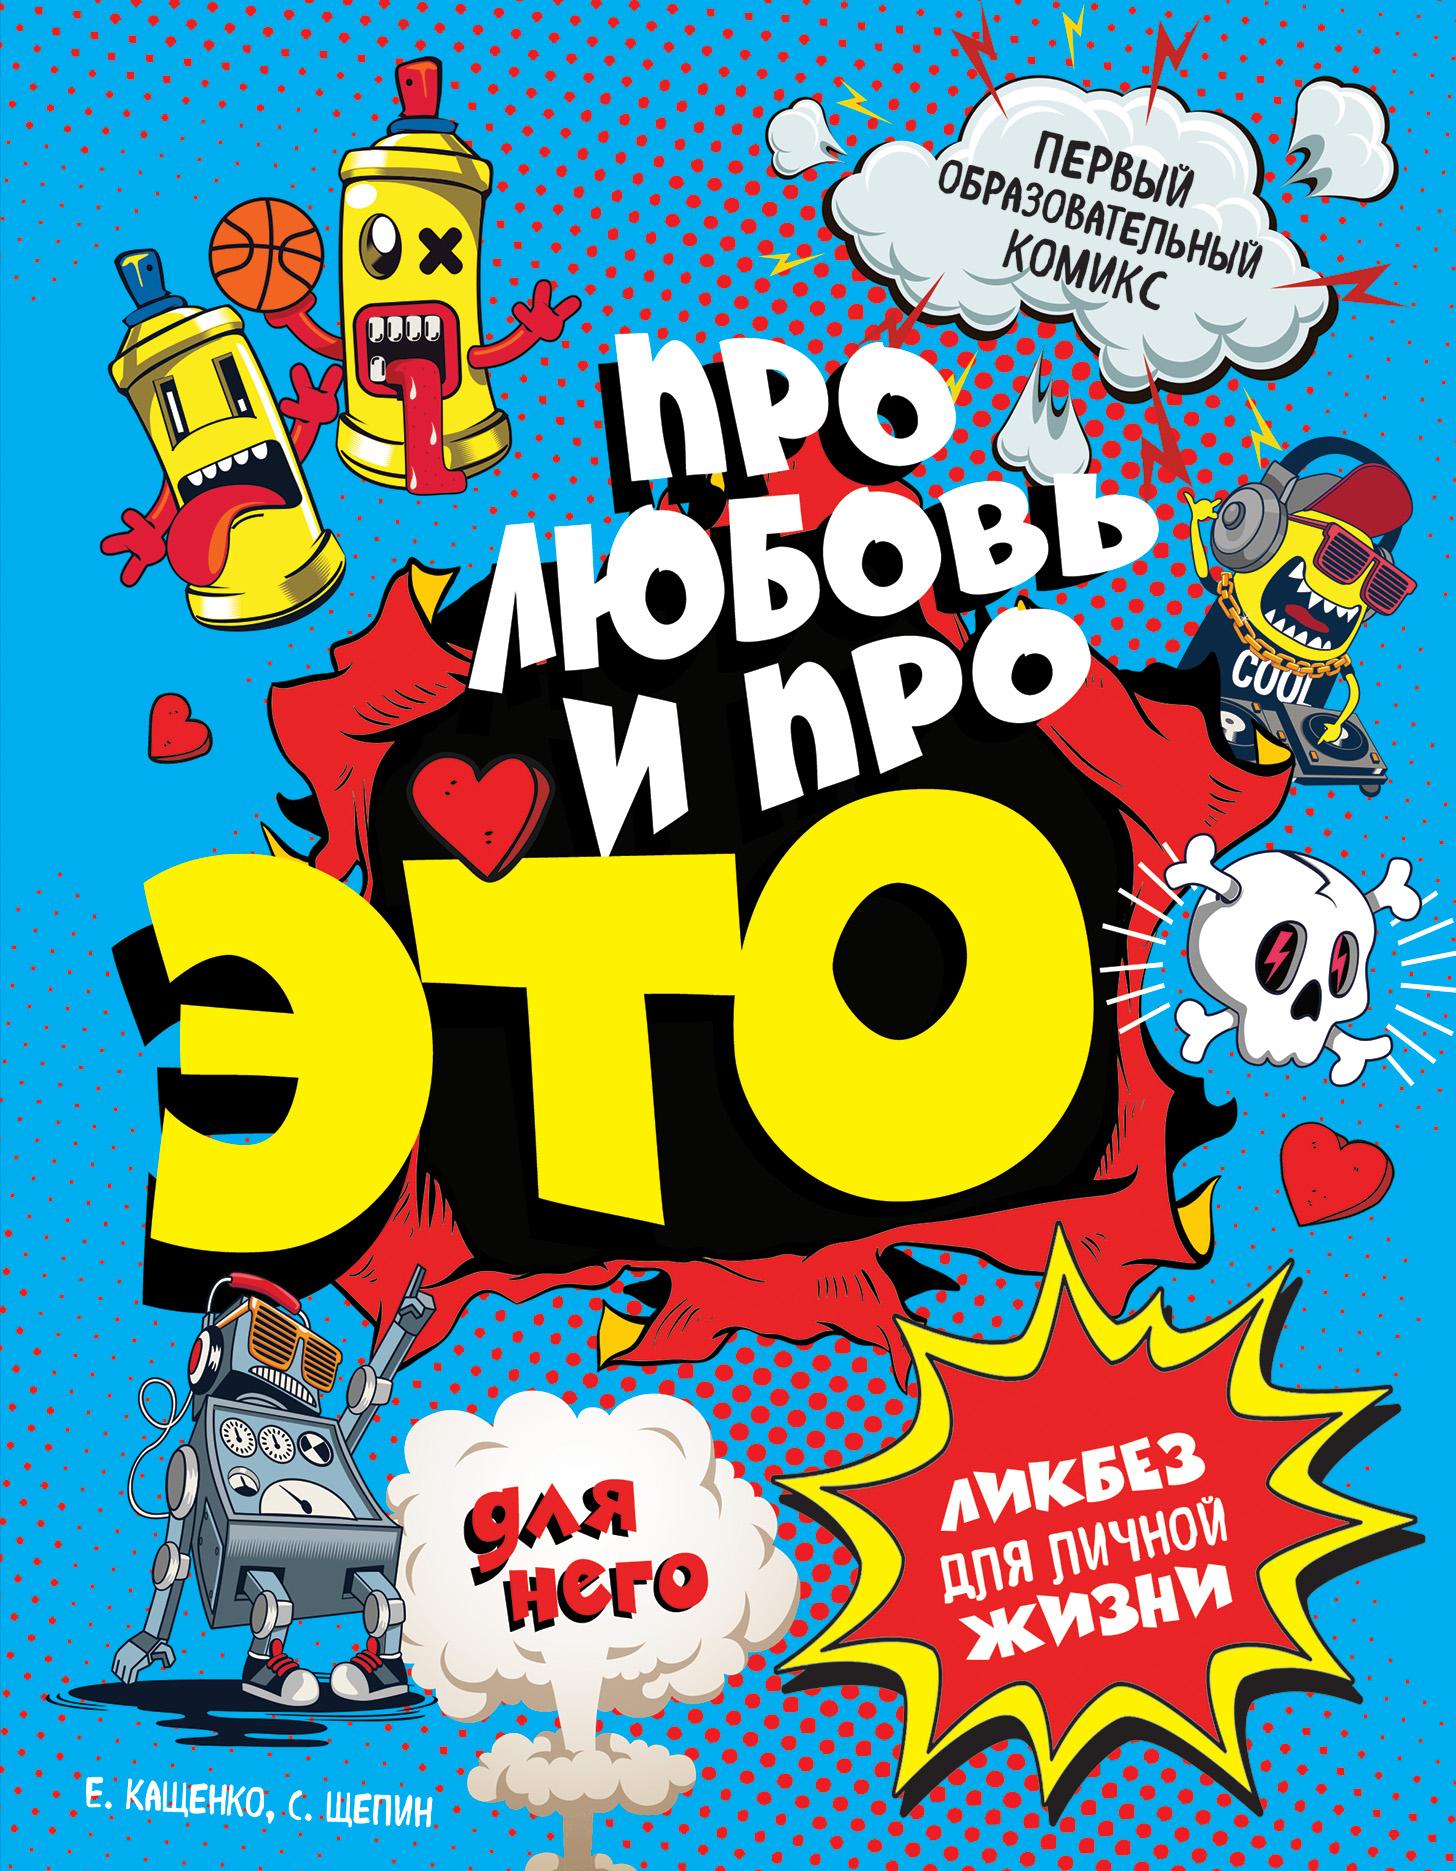 Кащенко Евгений Августович Жля него. Про любовь и про ЭТО. Ликбез для личной жизни